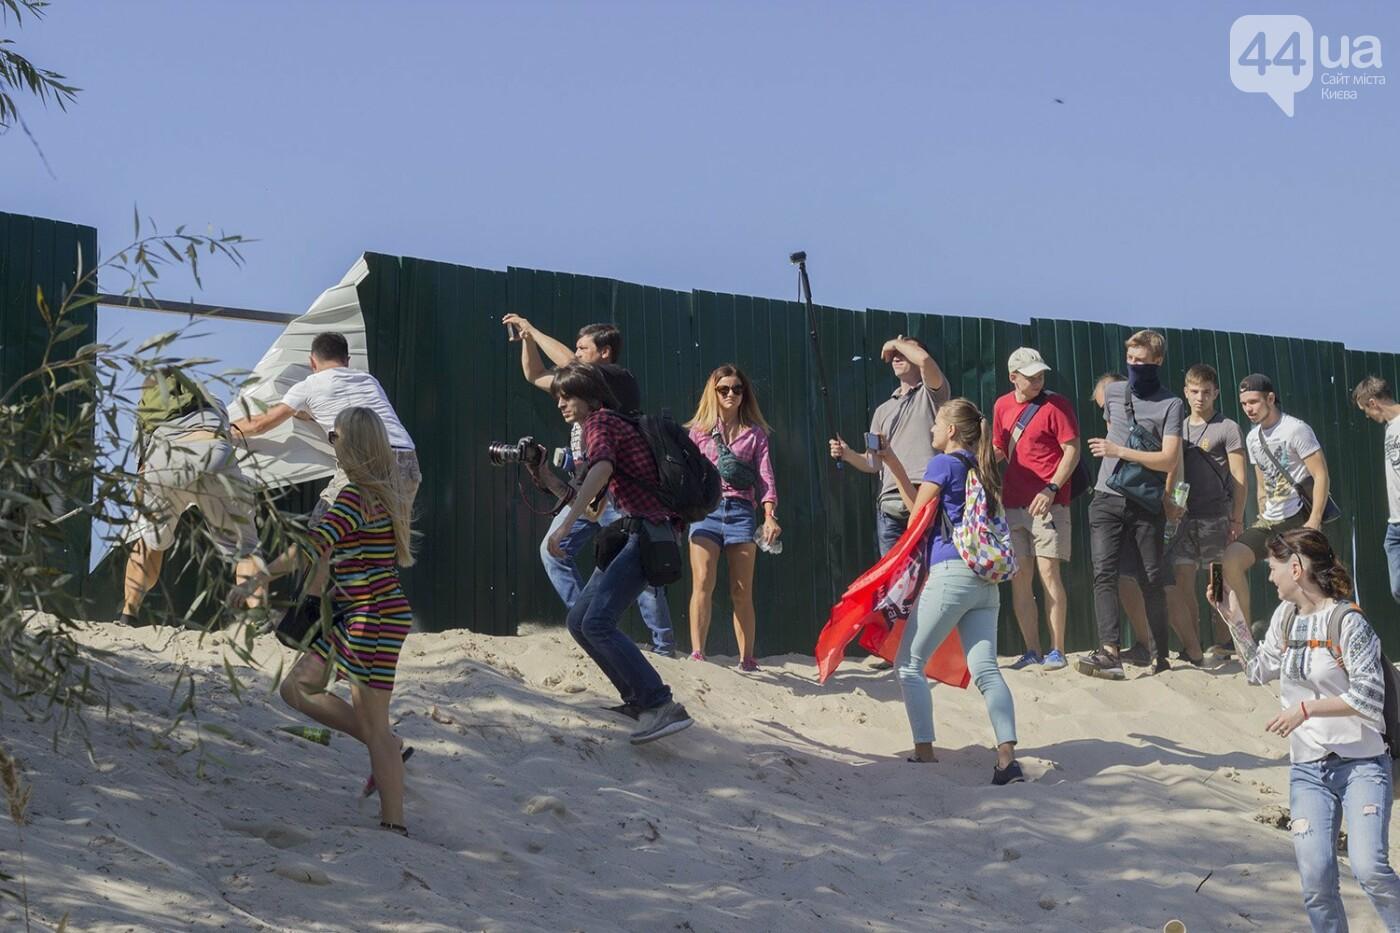 В масках и с оружием: на Осокорках снесли забор на скандальной стройке, - ФОТО, фото-9